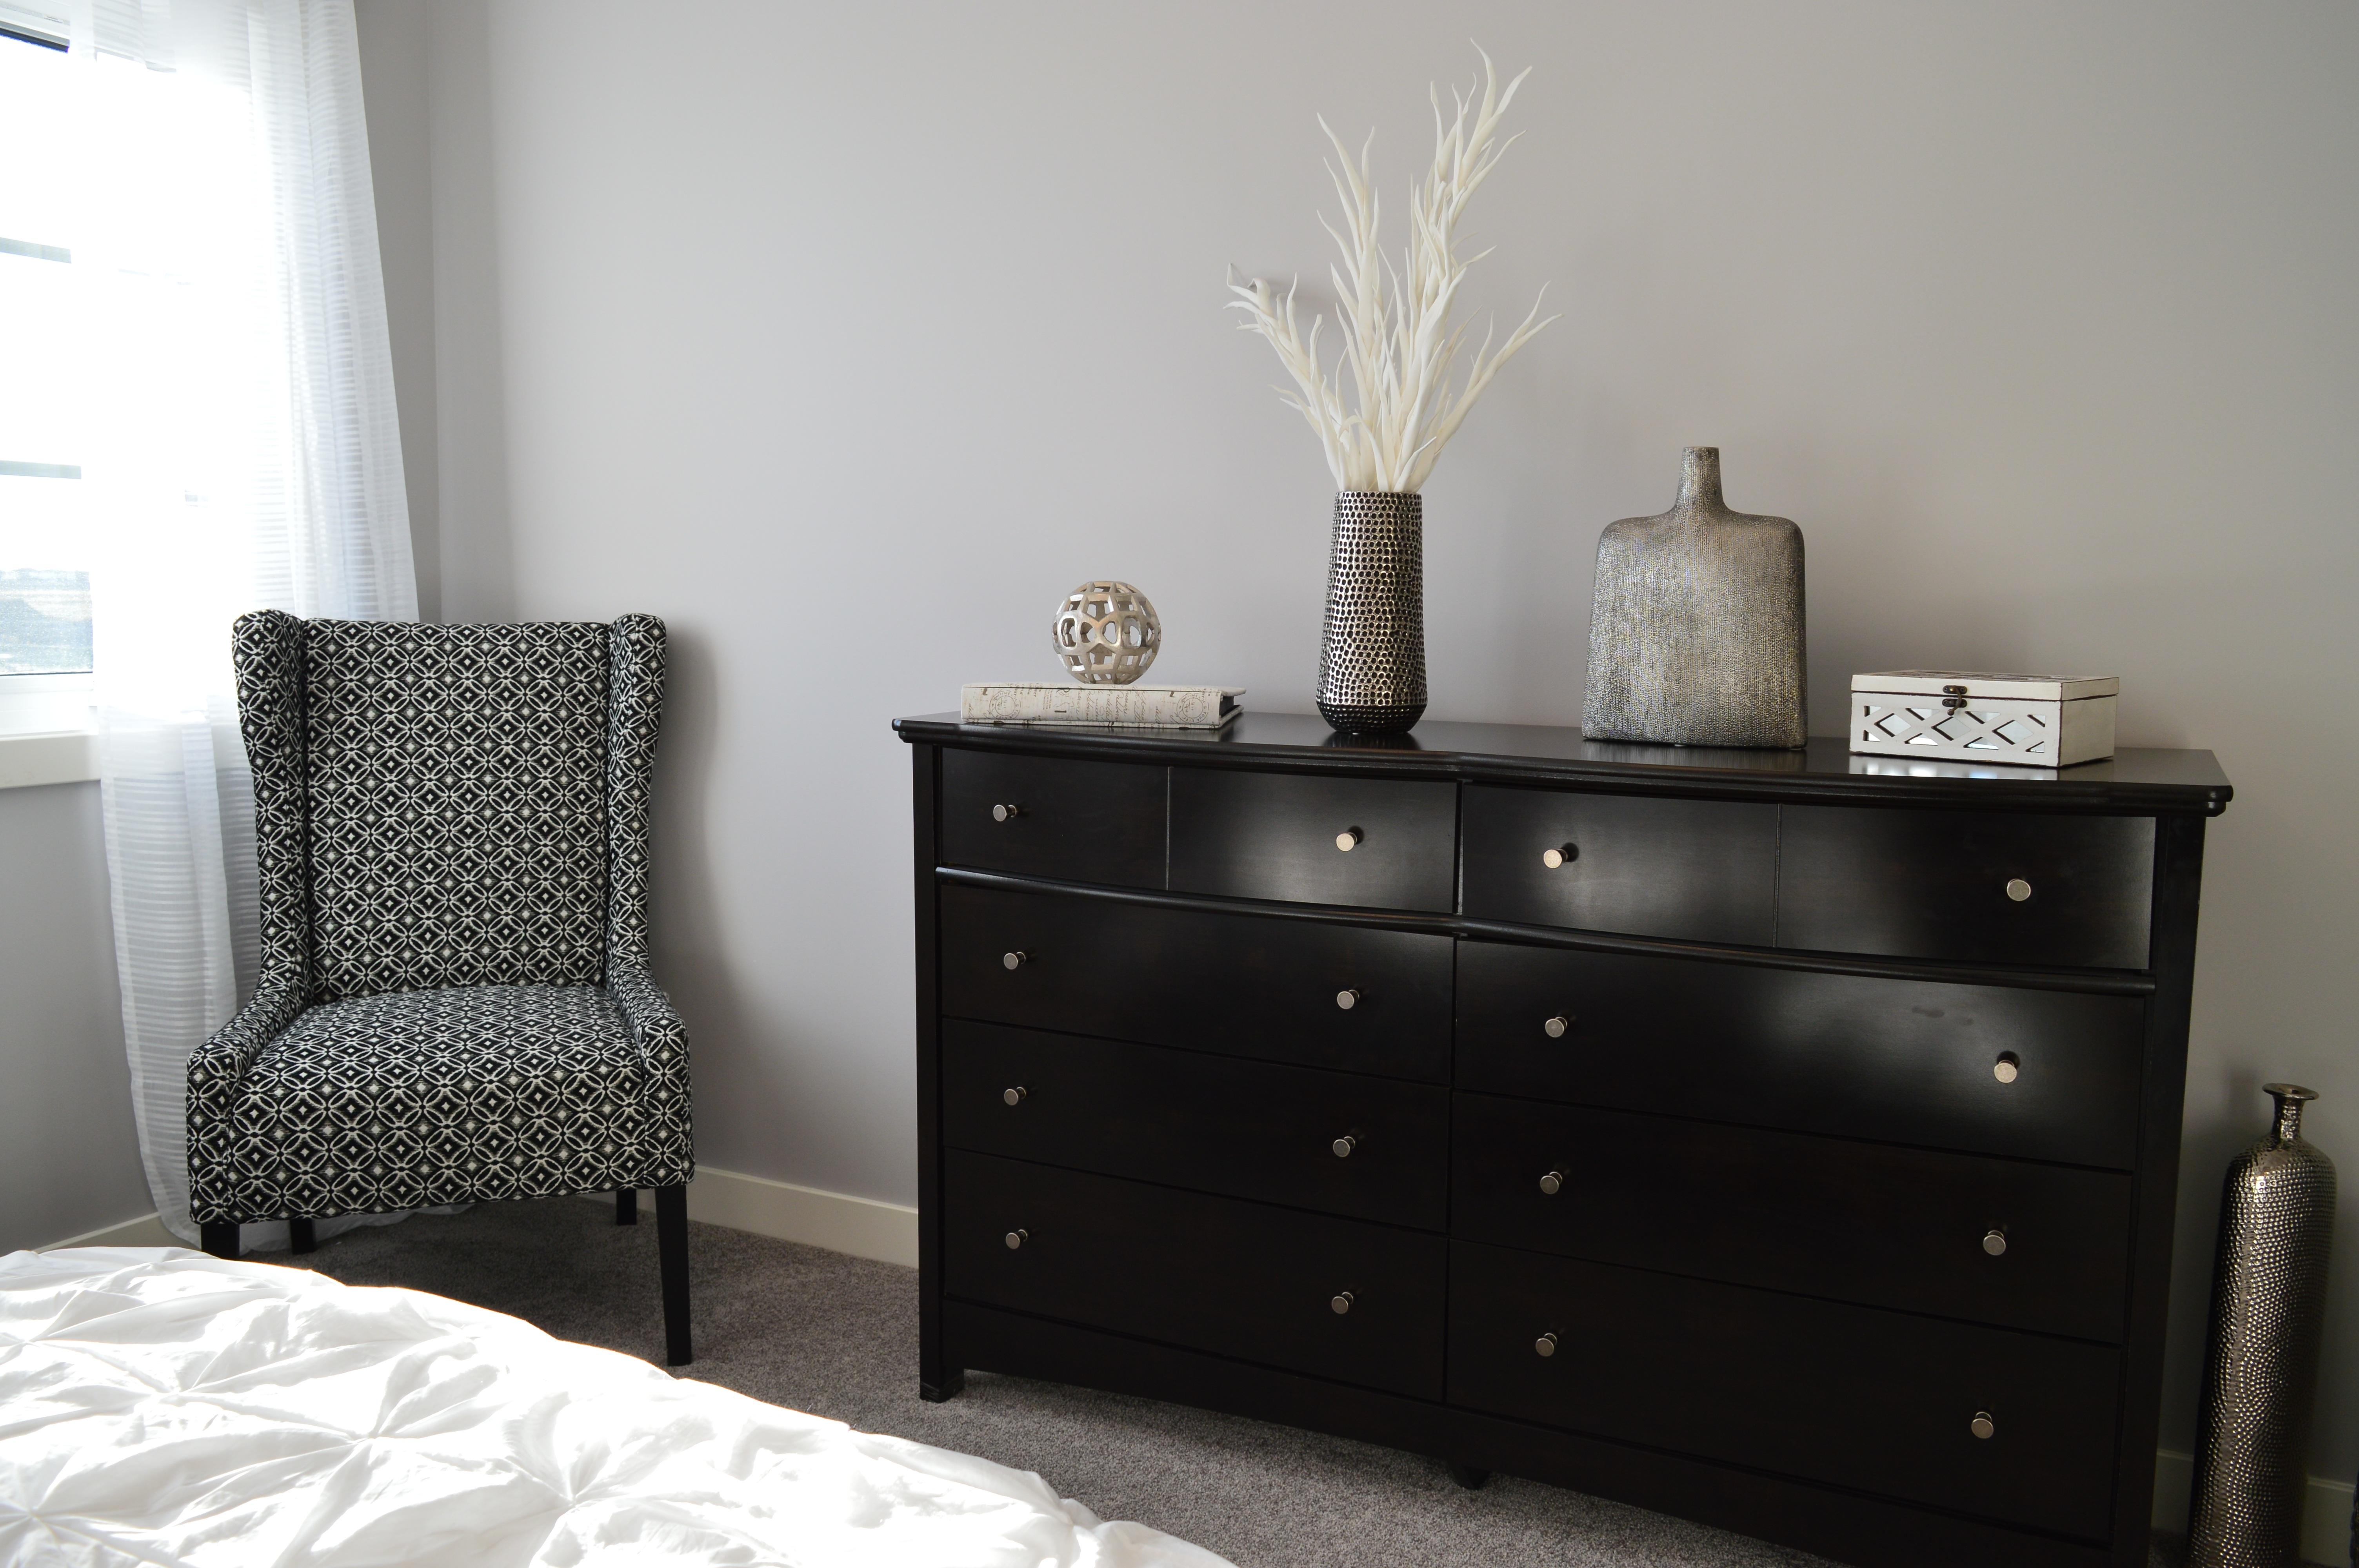 Gratis billeder : hvid, hus, stol, interiør, hjem, stue, møbel ...